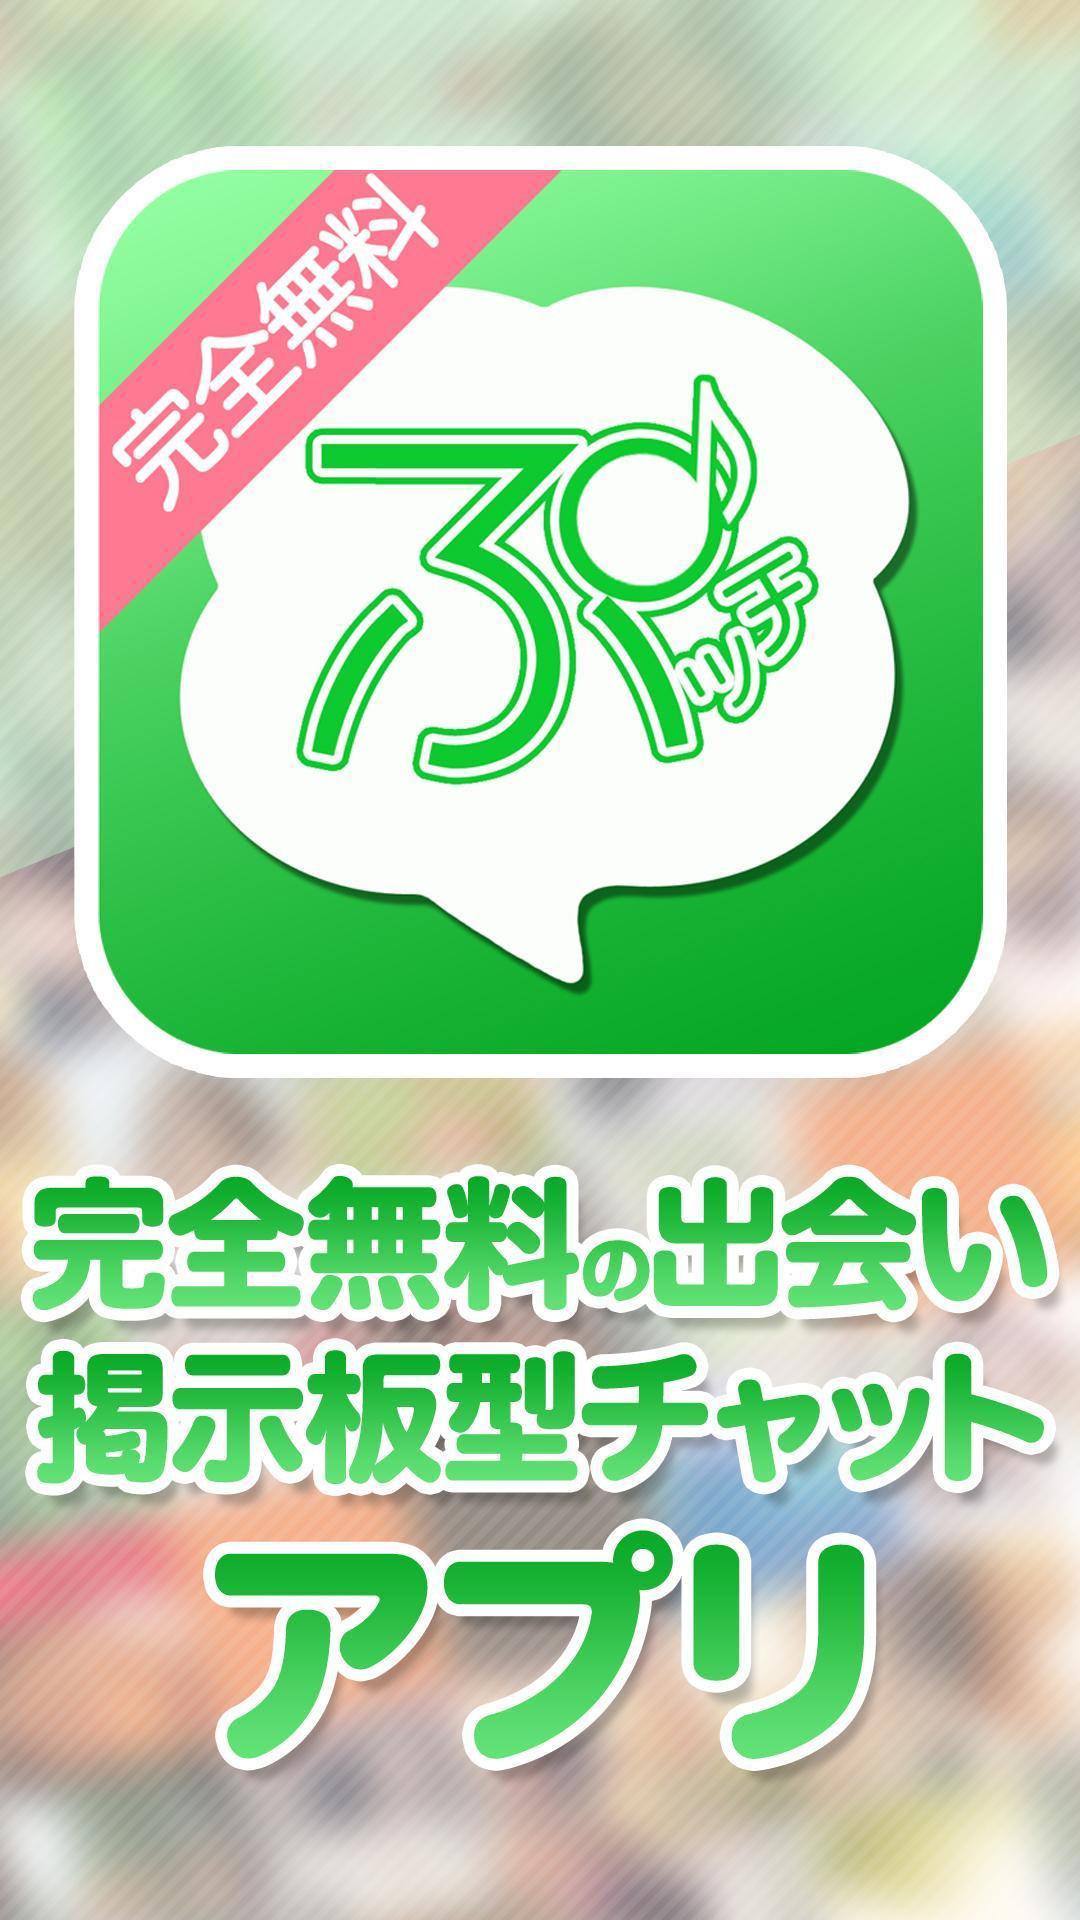 課金 なし 出会い アプリ 【課金なし!!】おすすめ無料出会系アプリを紹介!完全無料のアプリを...